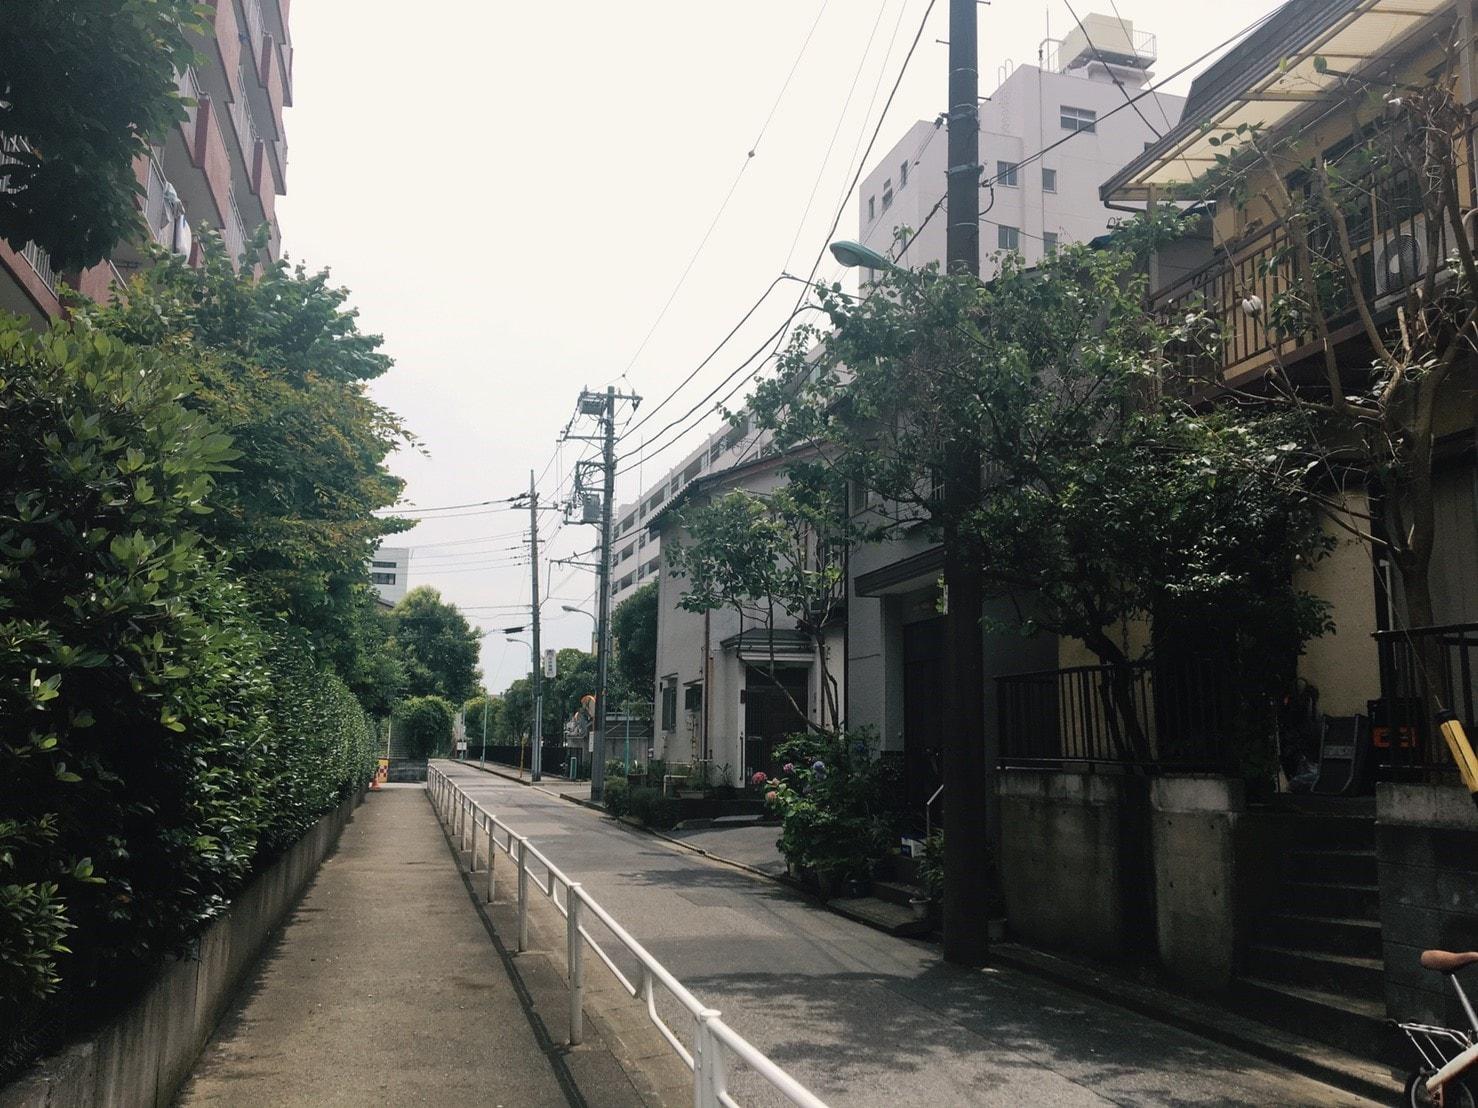 緑豊かな住宅街